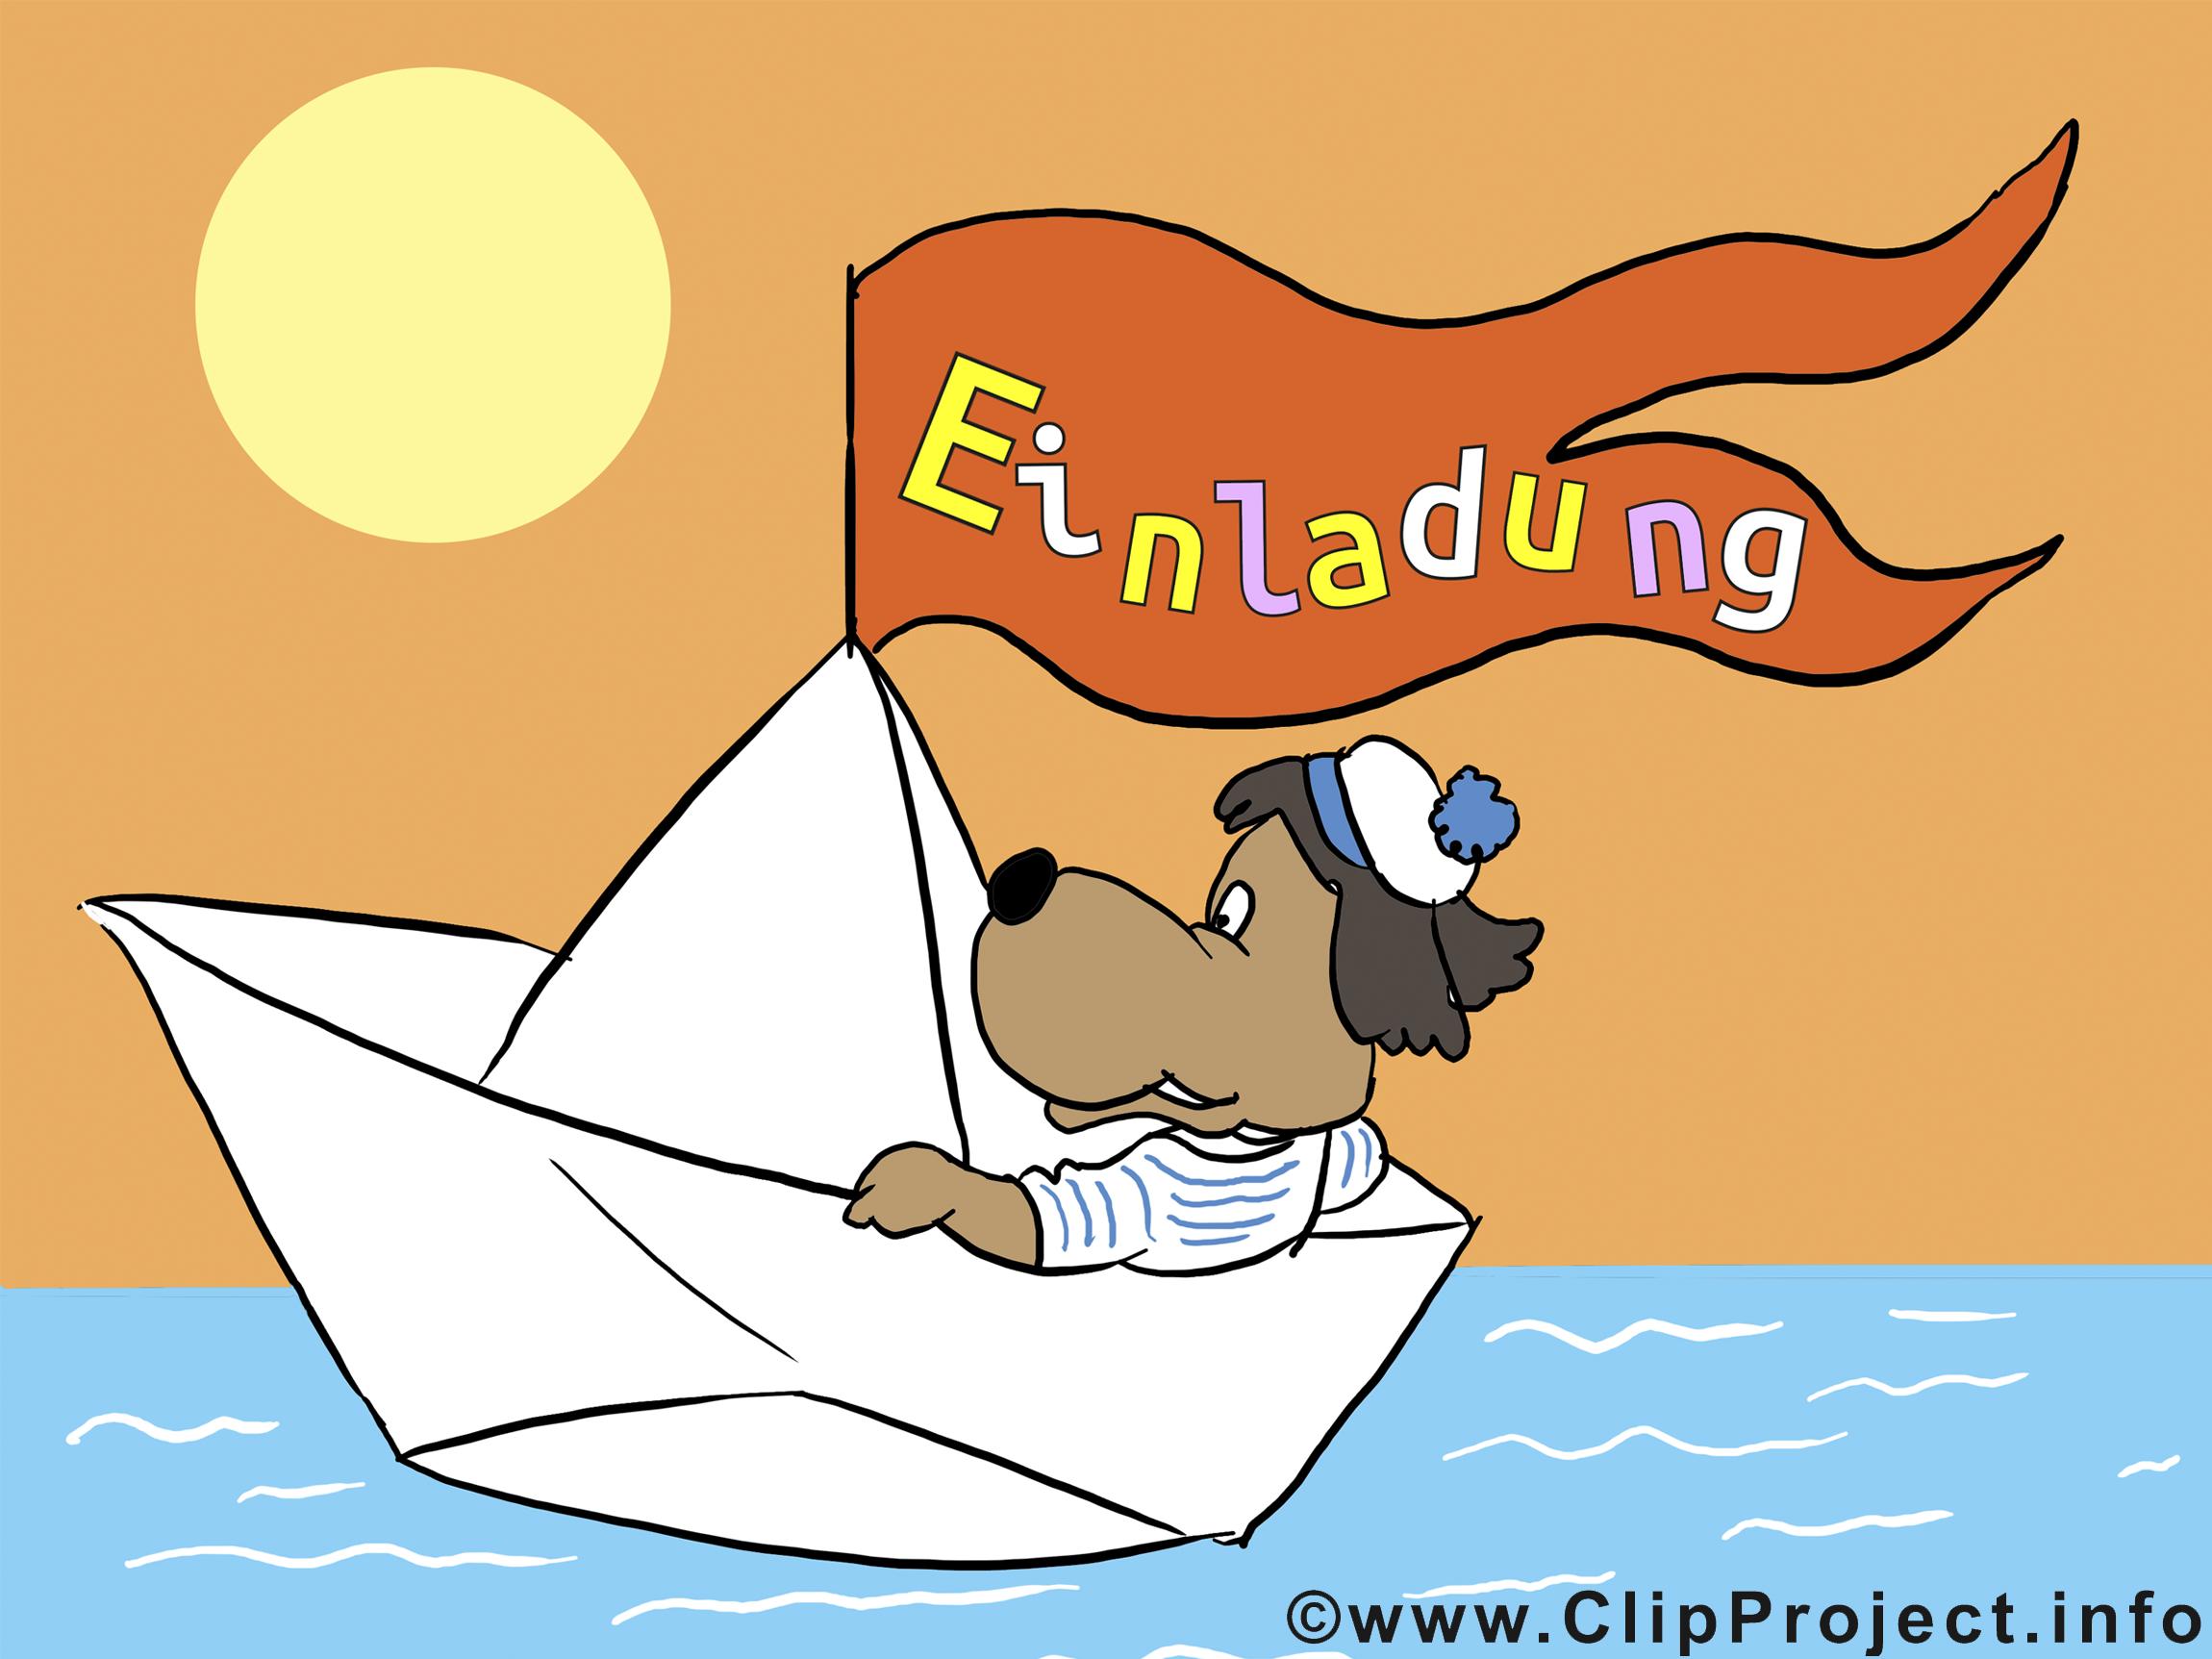 Clipart einladung picture free download Einladungen - Einladungskarten selbst gestalten Bilder, Cliparts ... picture free download